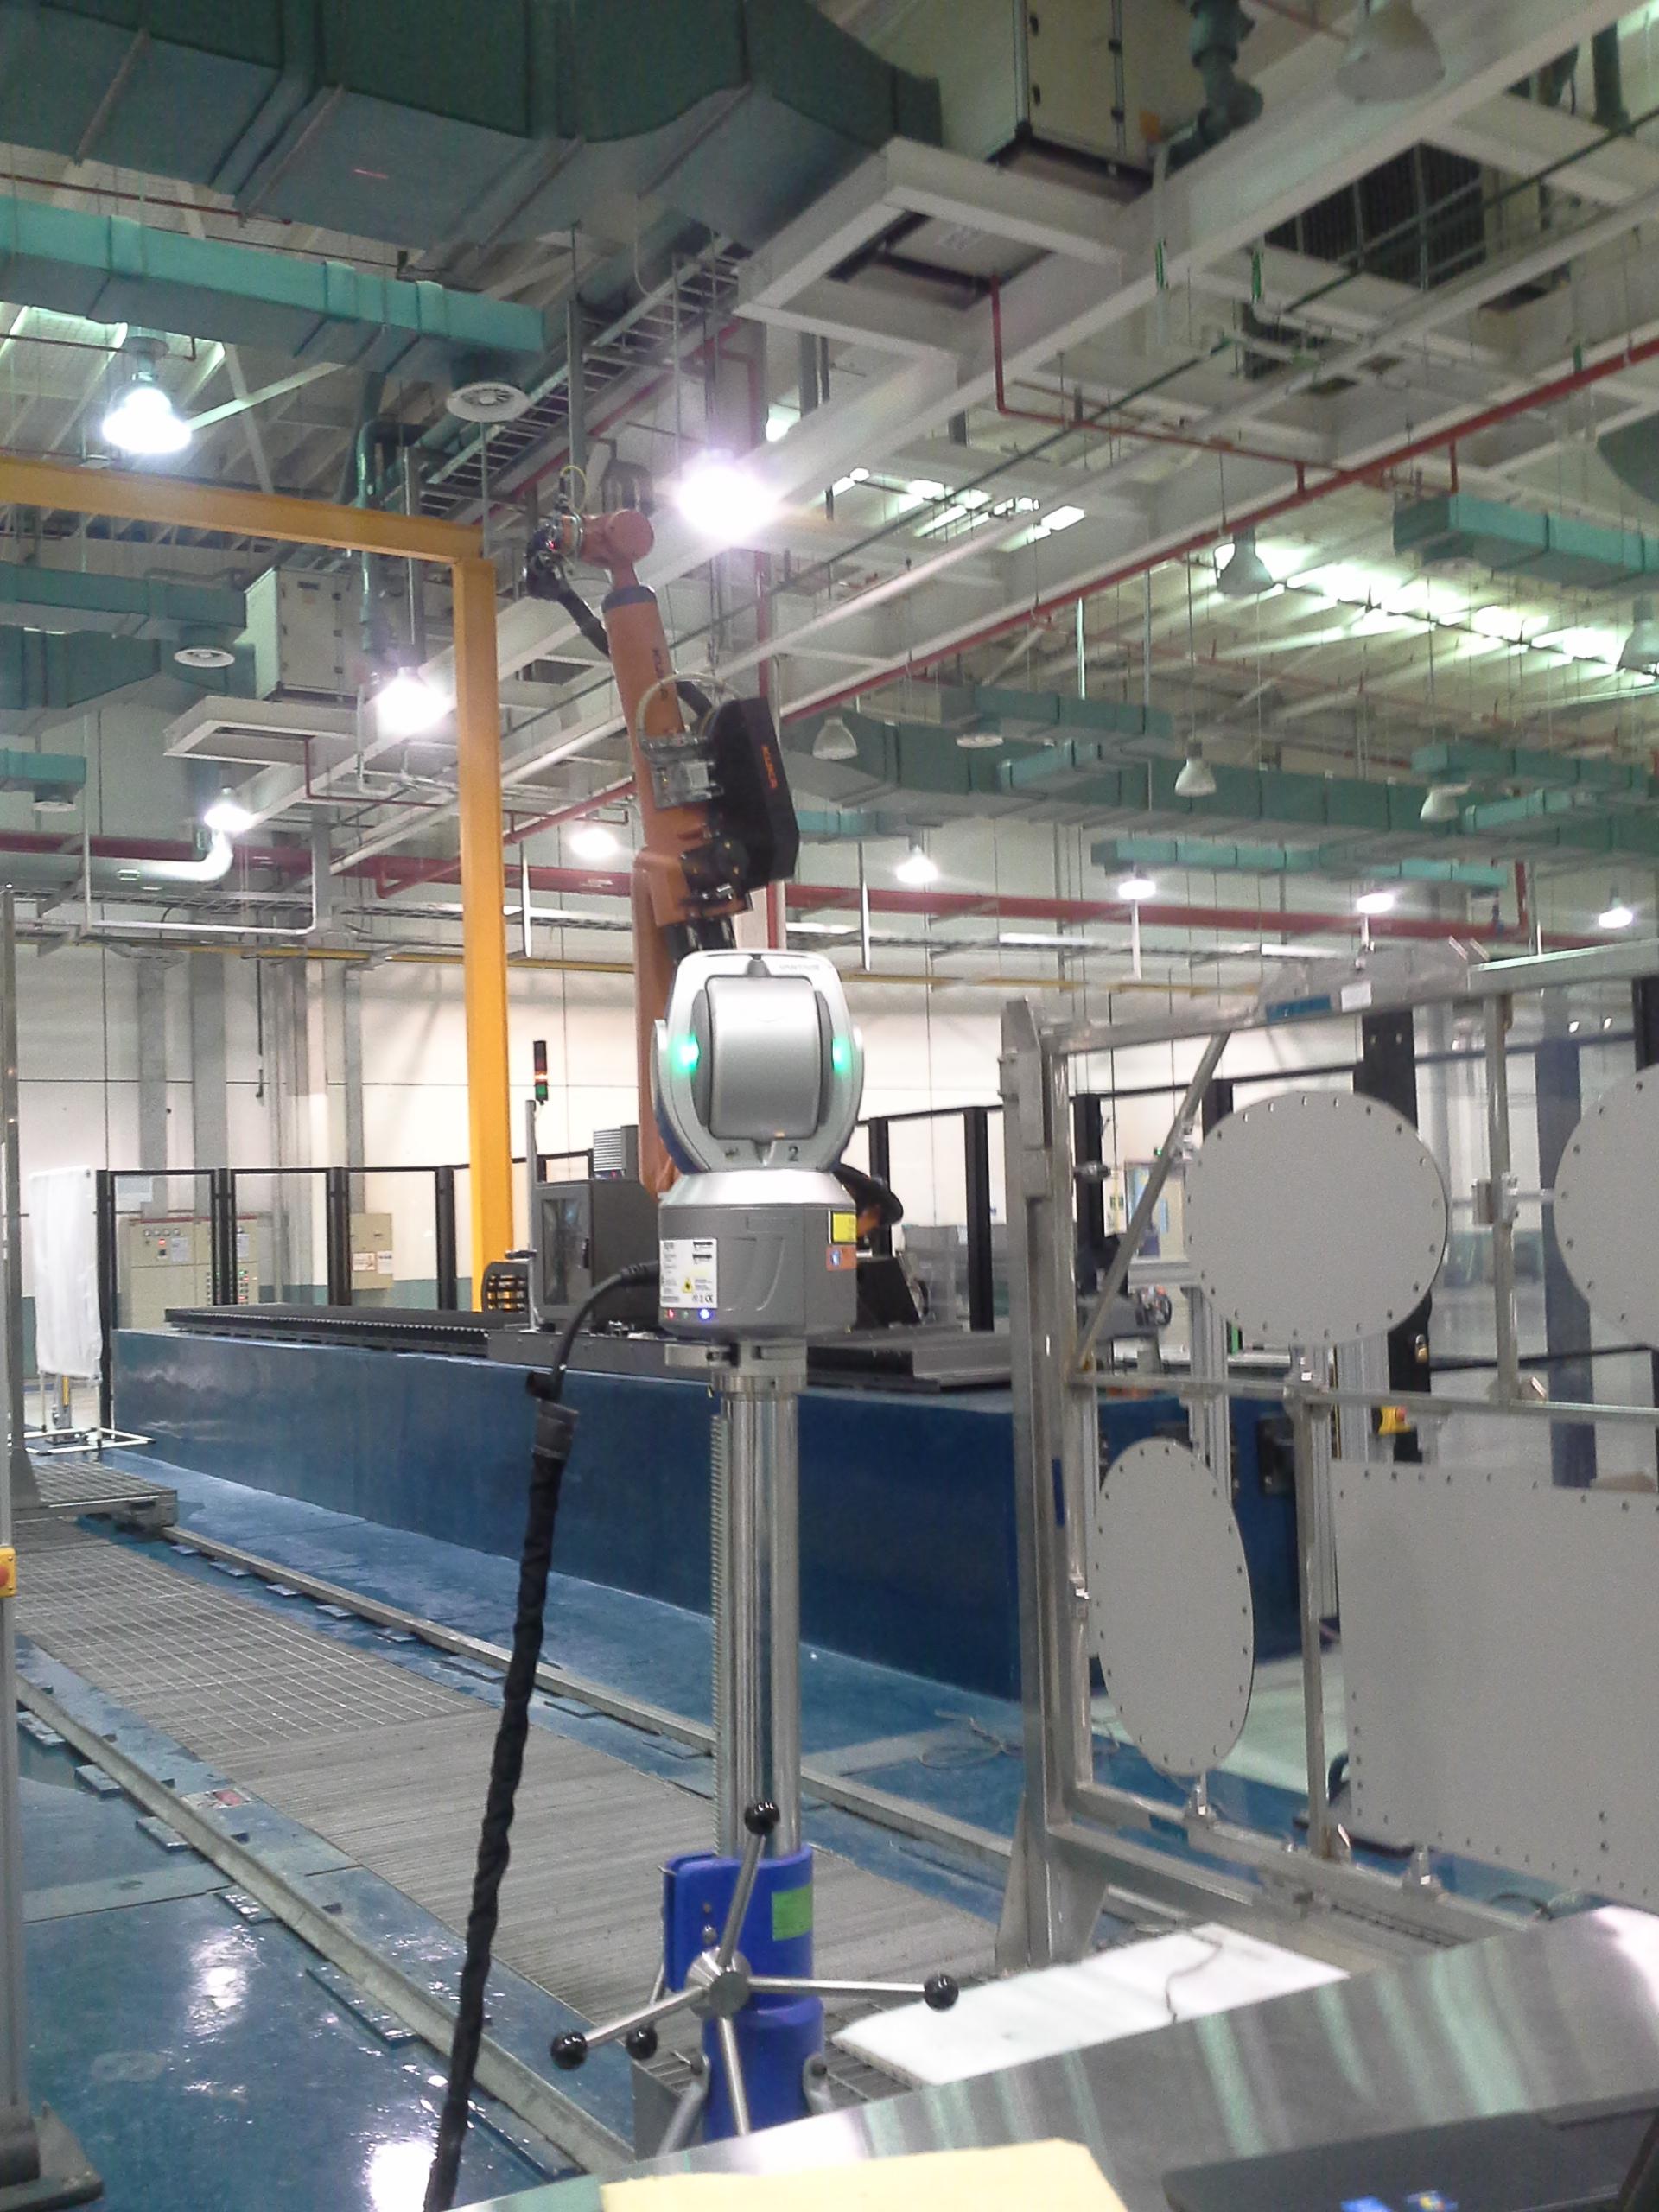 激光跟踪仪测量服务/大空间测量/激光跟踪仪测量公司/南京激光跟踪仪测量/江苏激光跟踪仪测量/主线测量